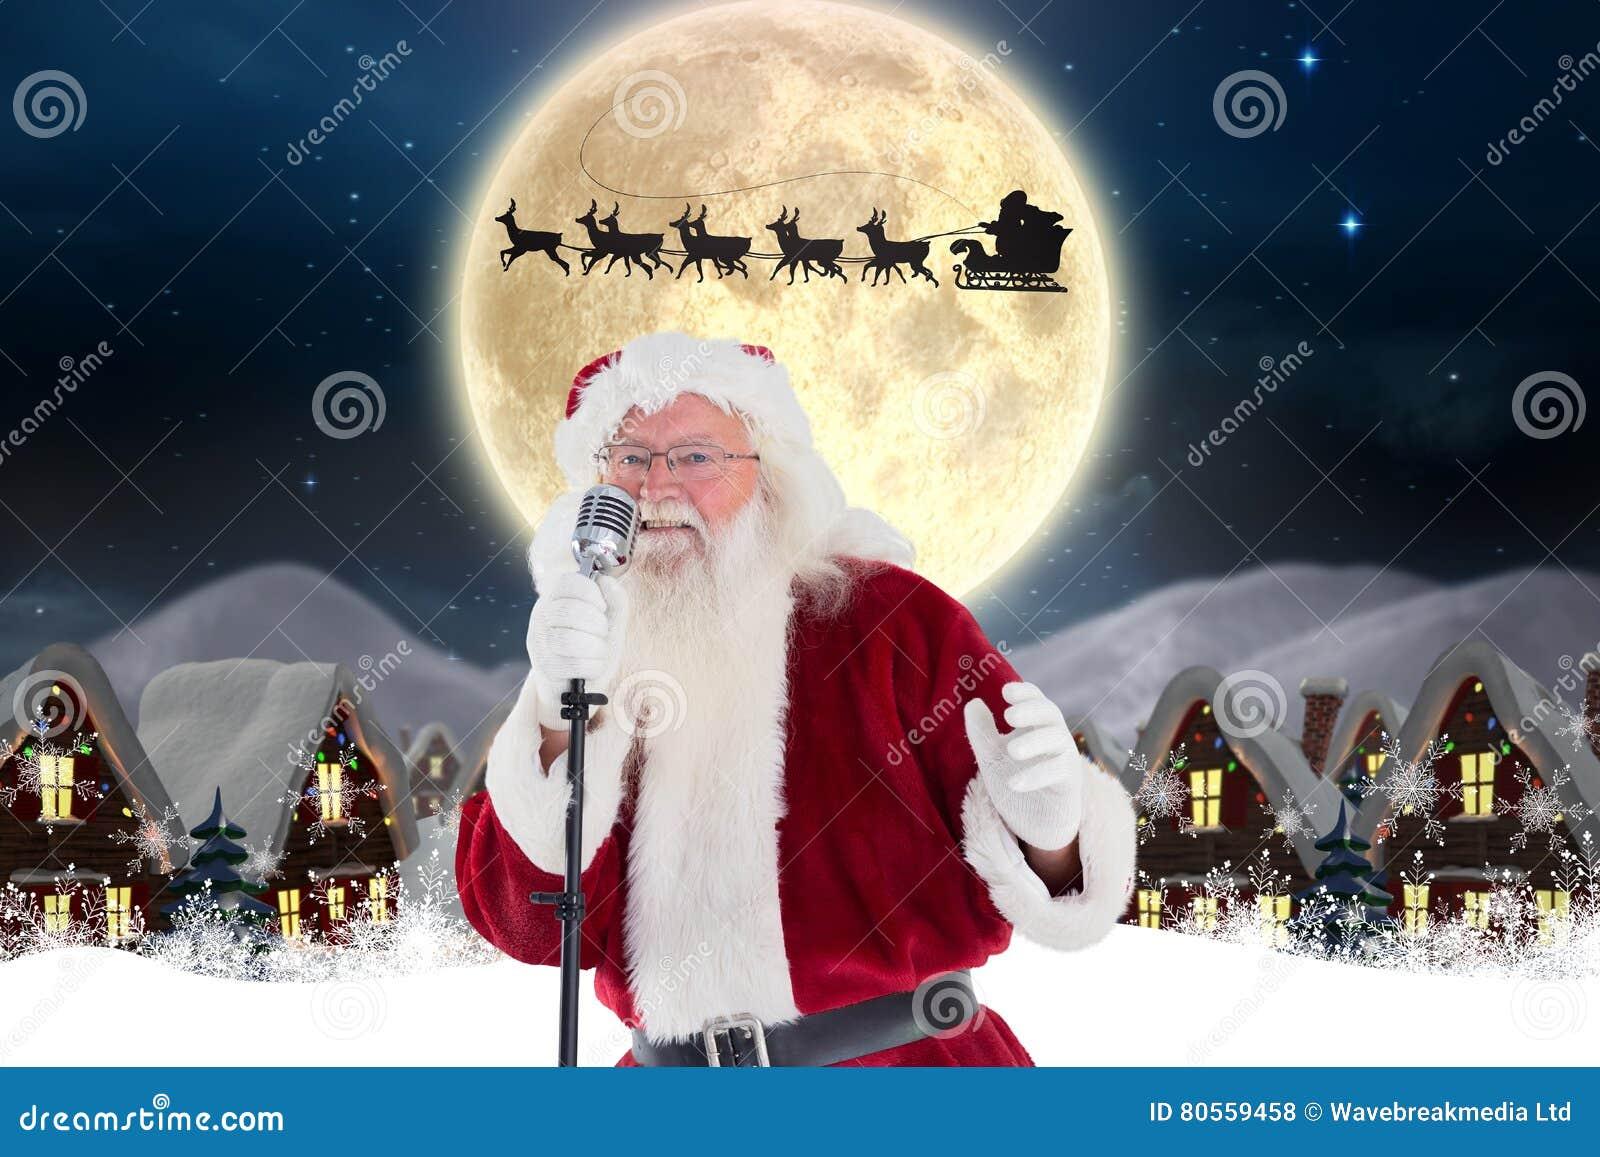 Babbo Natale Canzone.Canzone Di Natale Di Canto Del Babbo Natale In Microfono Fotografia